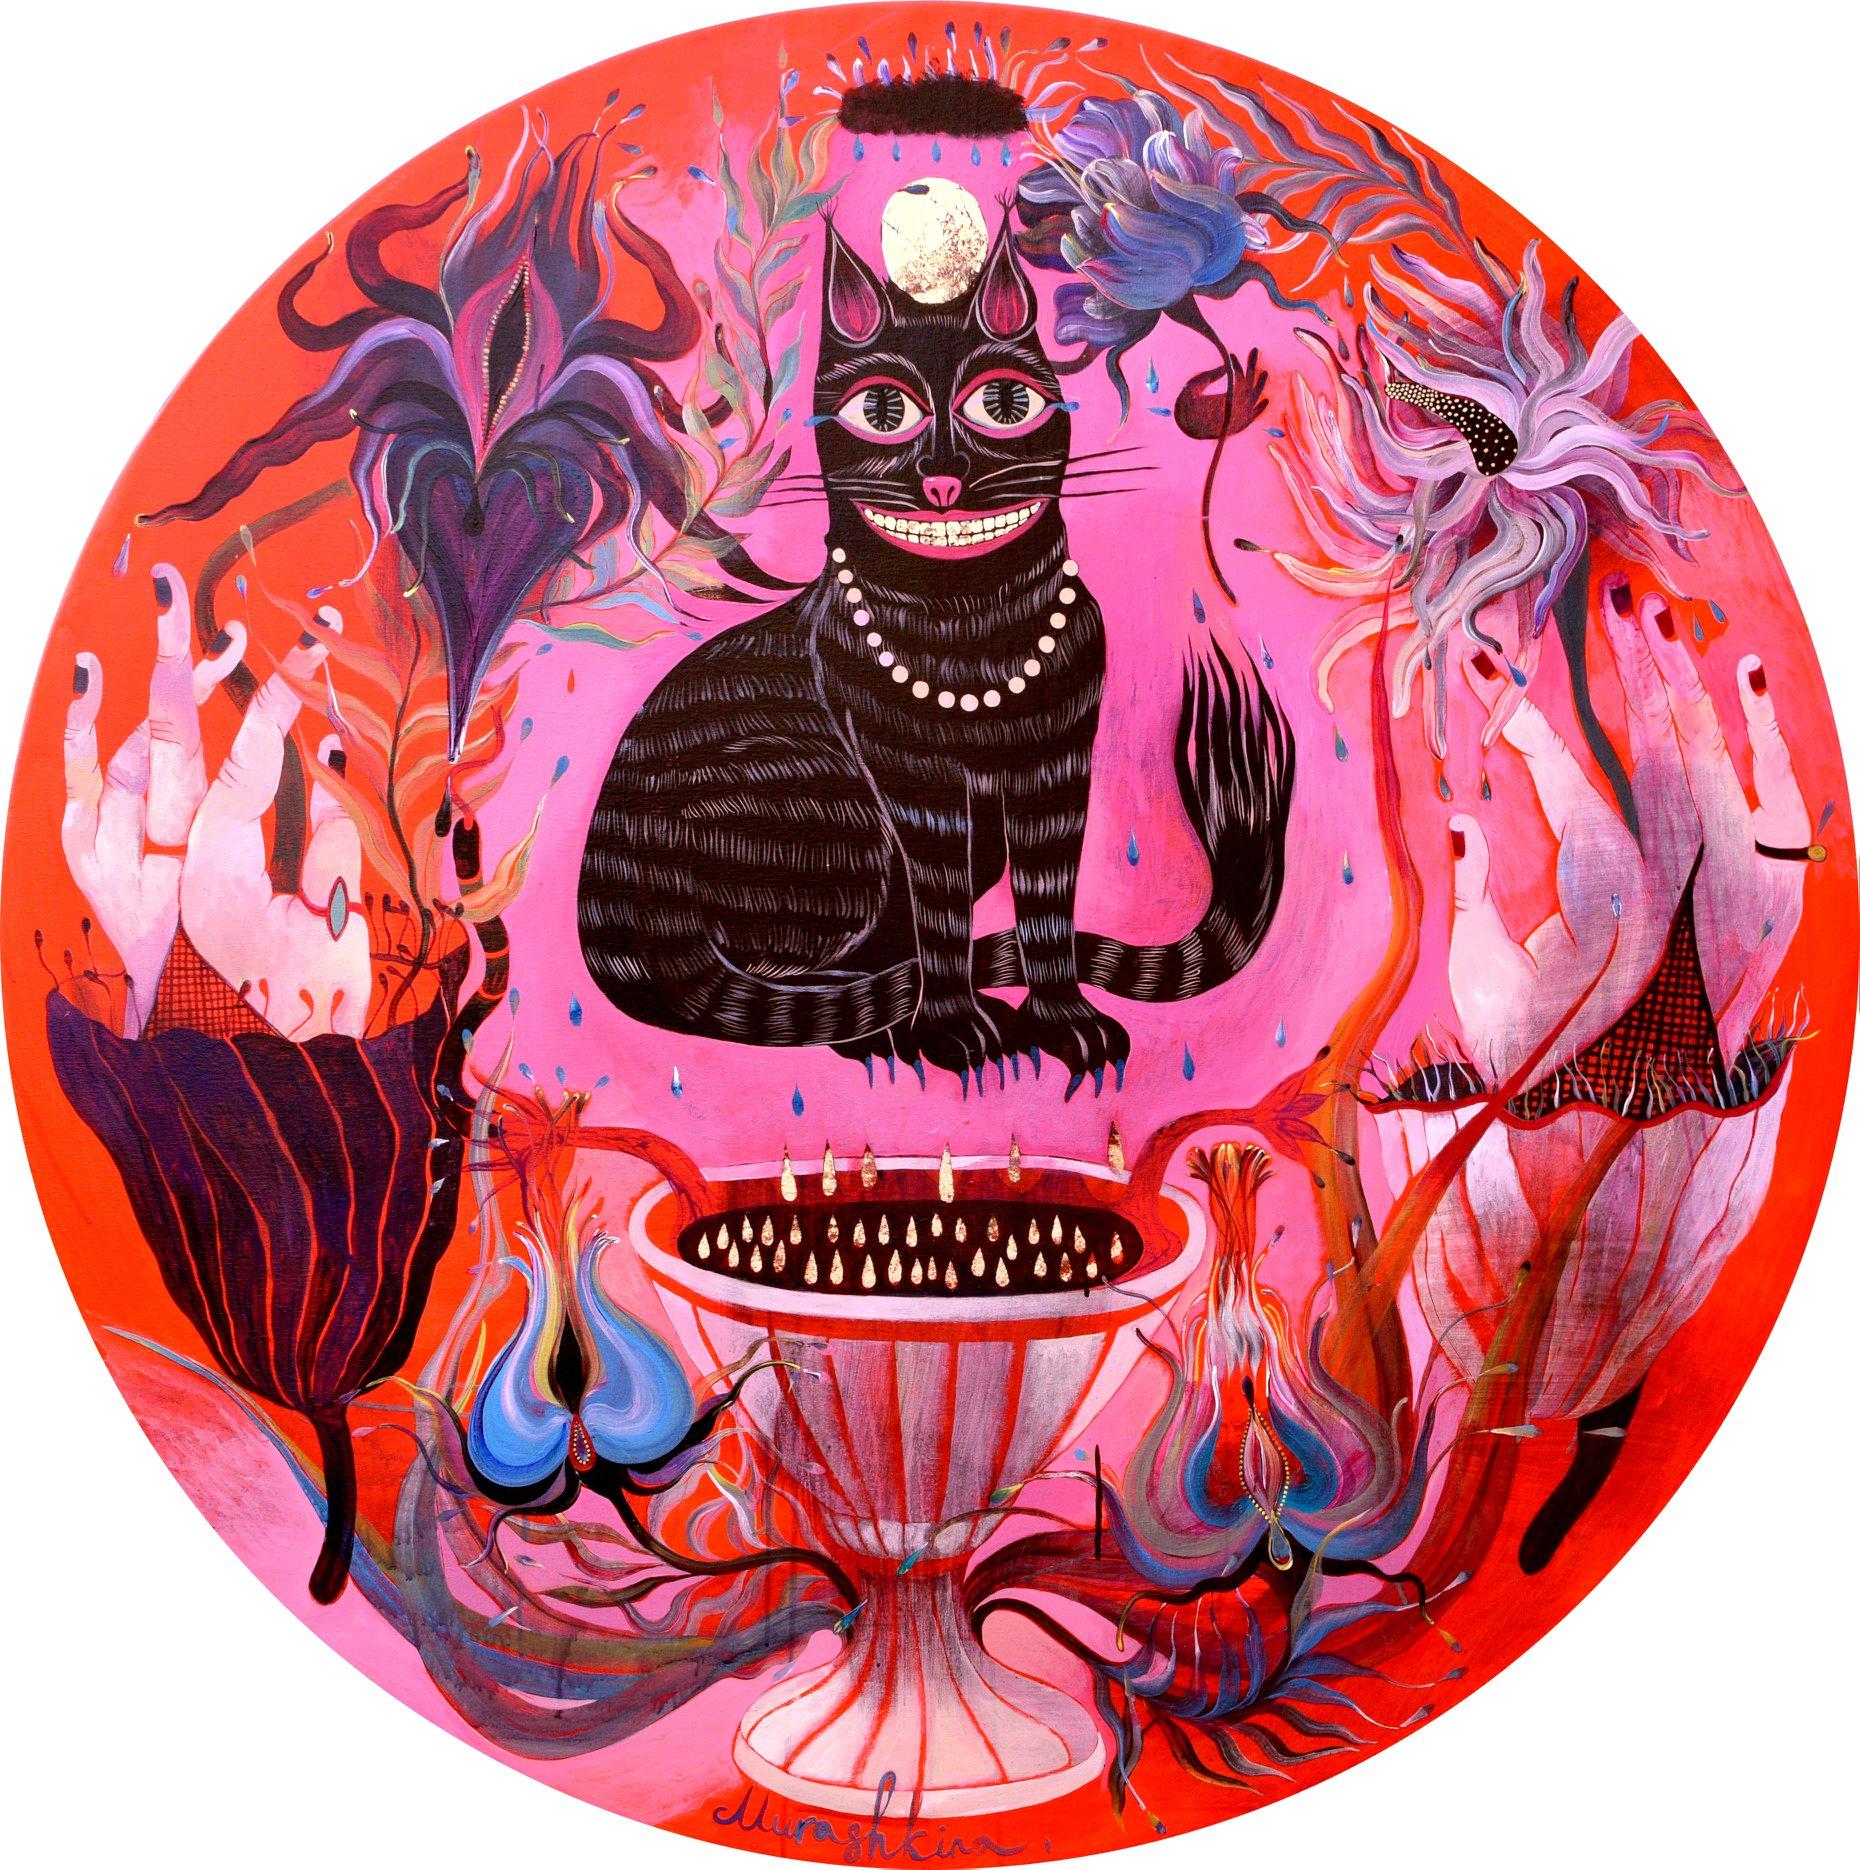 «В моих работах царит Женщина, женщина-богиня. Именно так я вижу своё творчество, его сверхзначение и миссию», — Нина Мурашкина, украинская художница из Каталонии